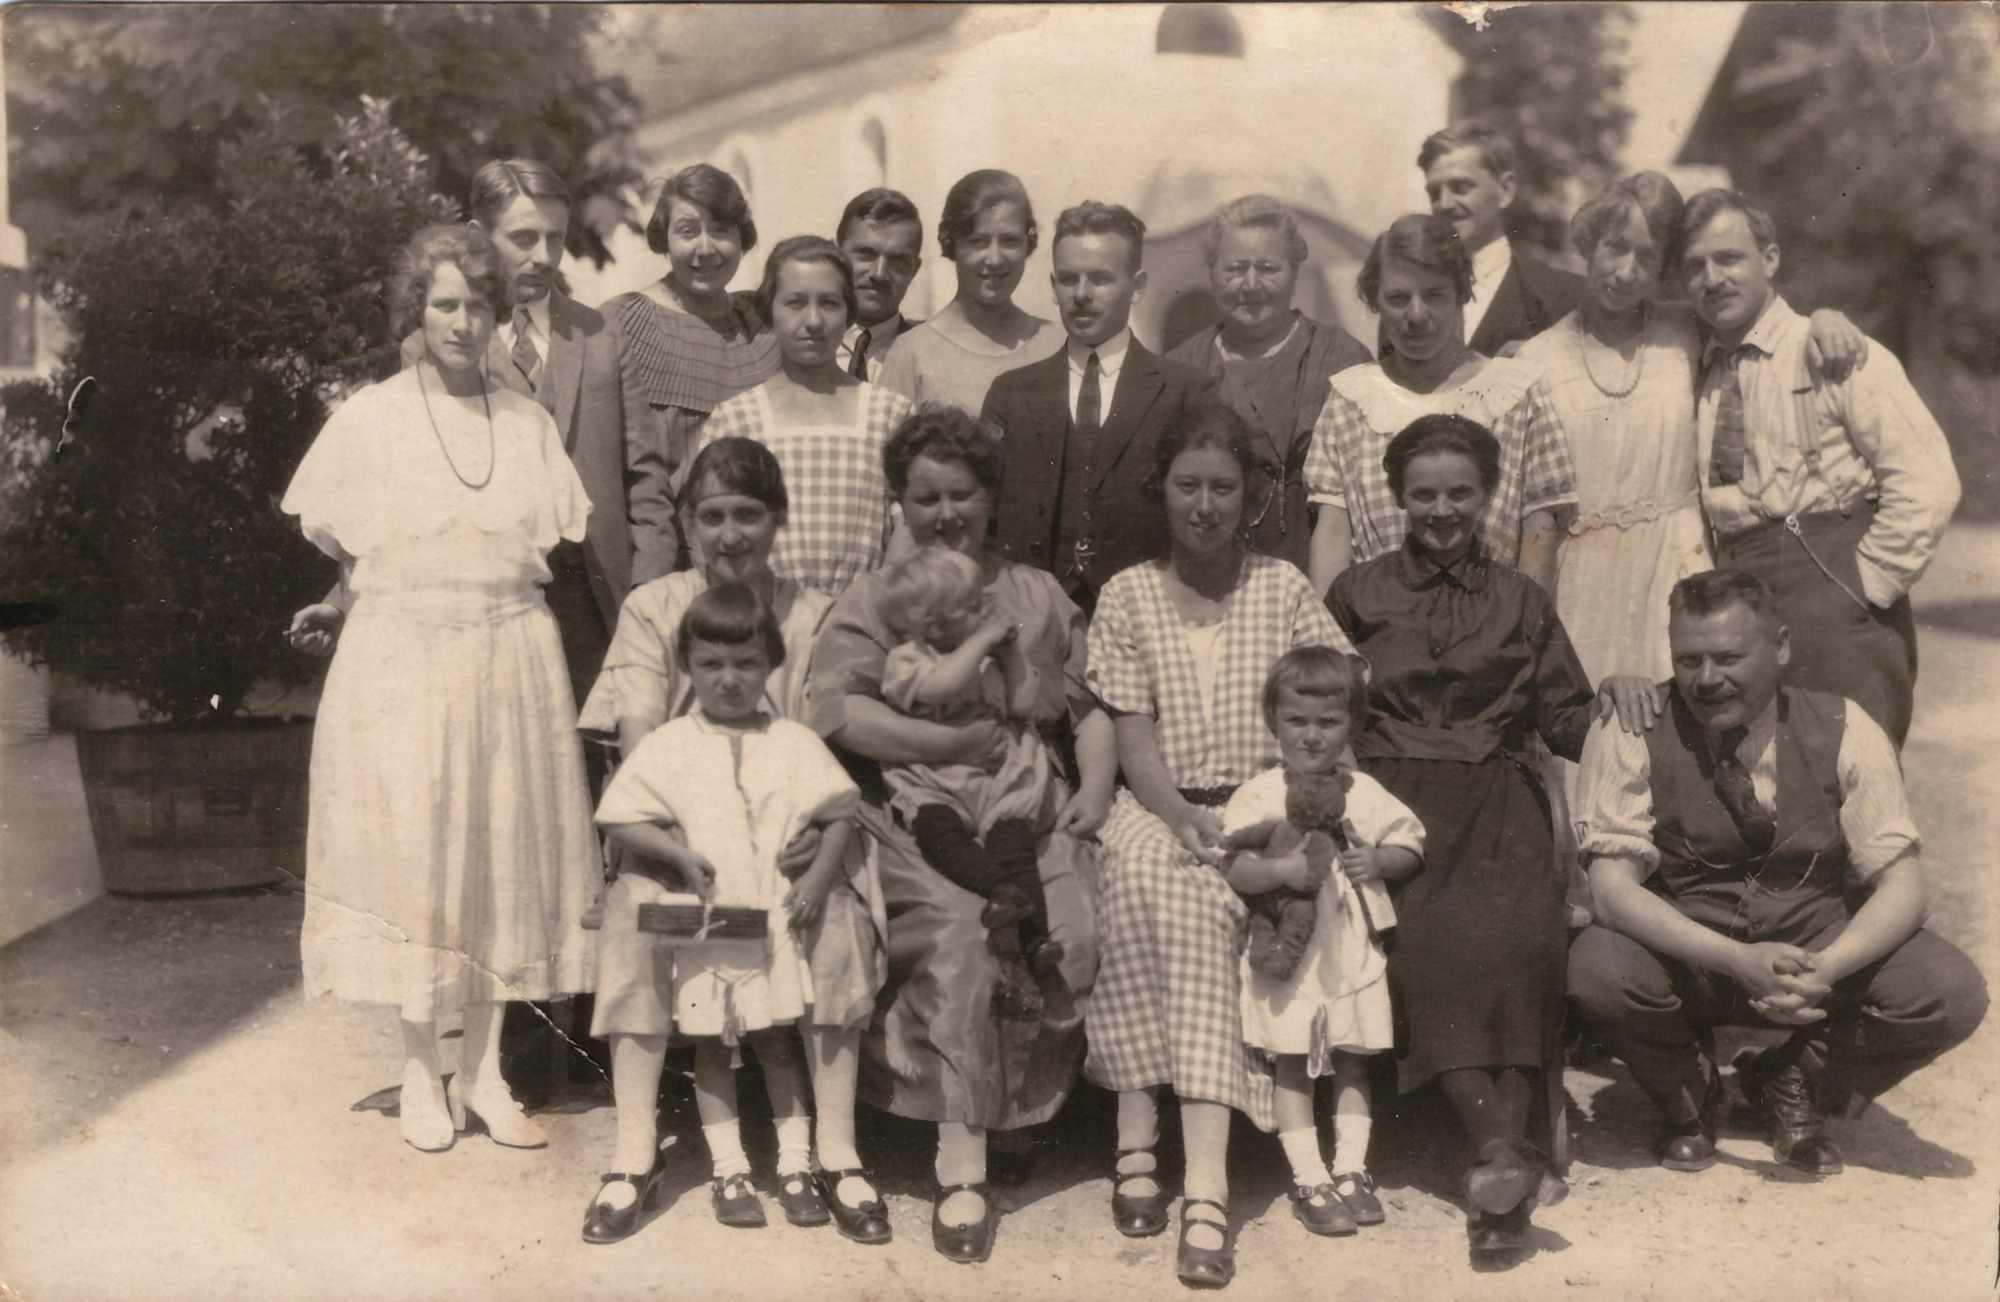 Bild: Familienfoto mit unbekannten Personen ca. 1919